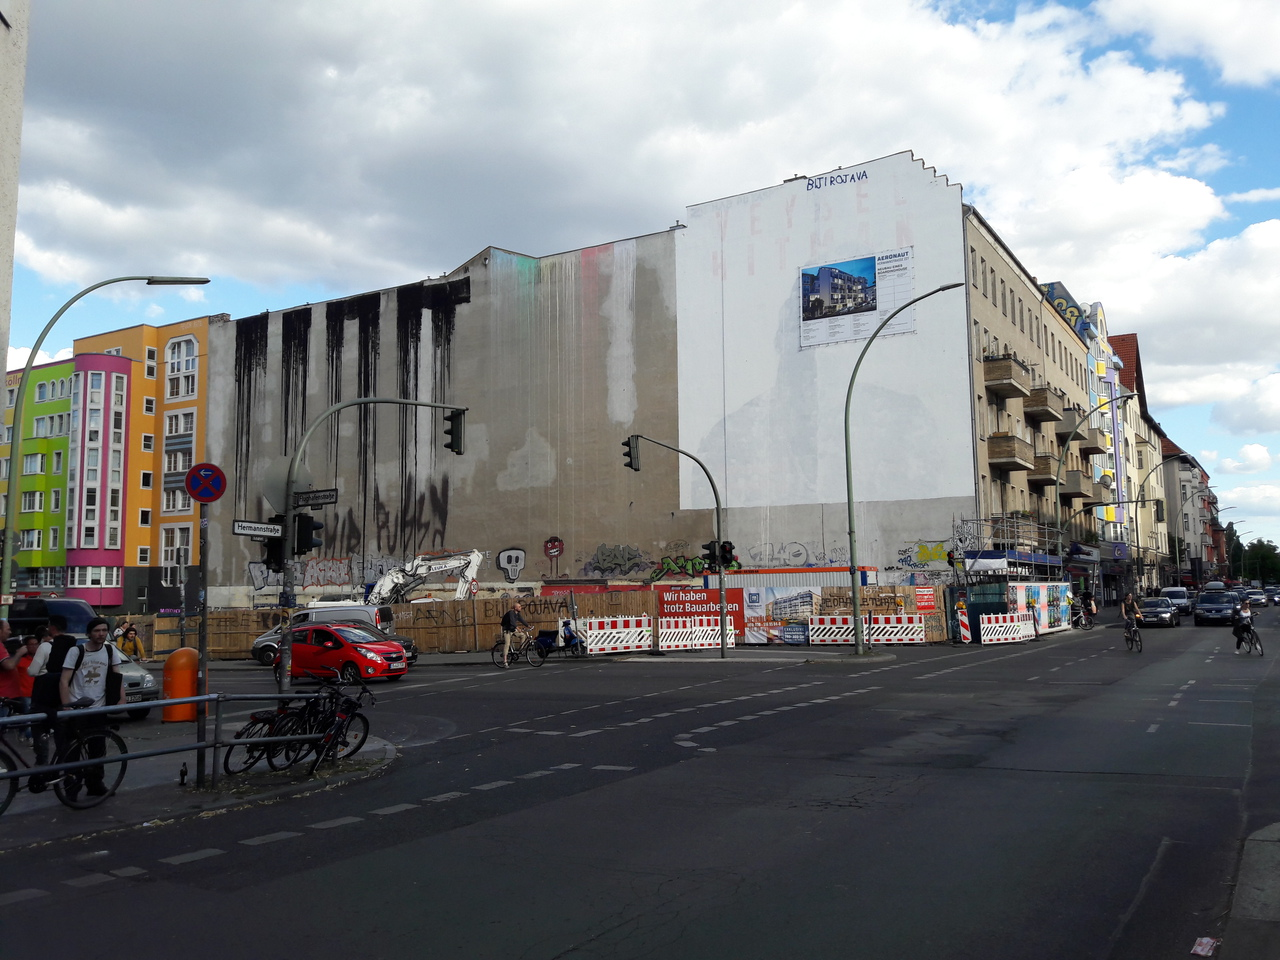 hermannstrasse2275fsr8.jpg